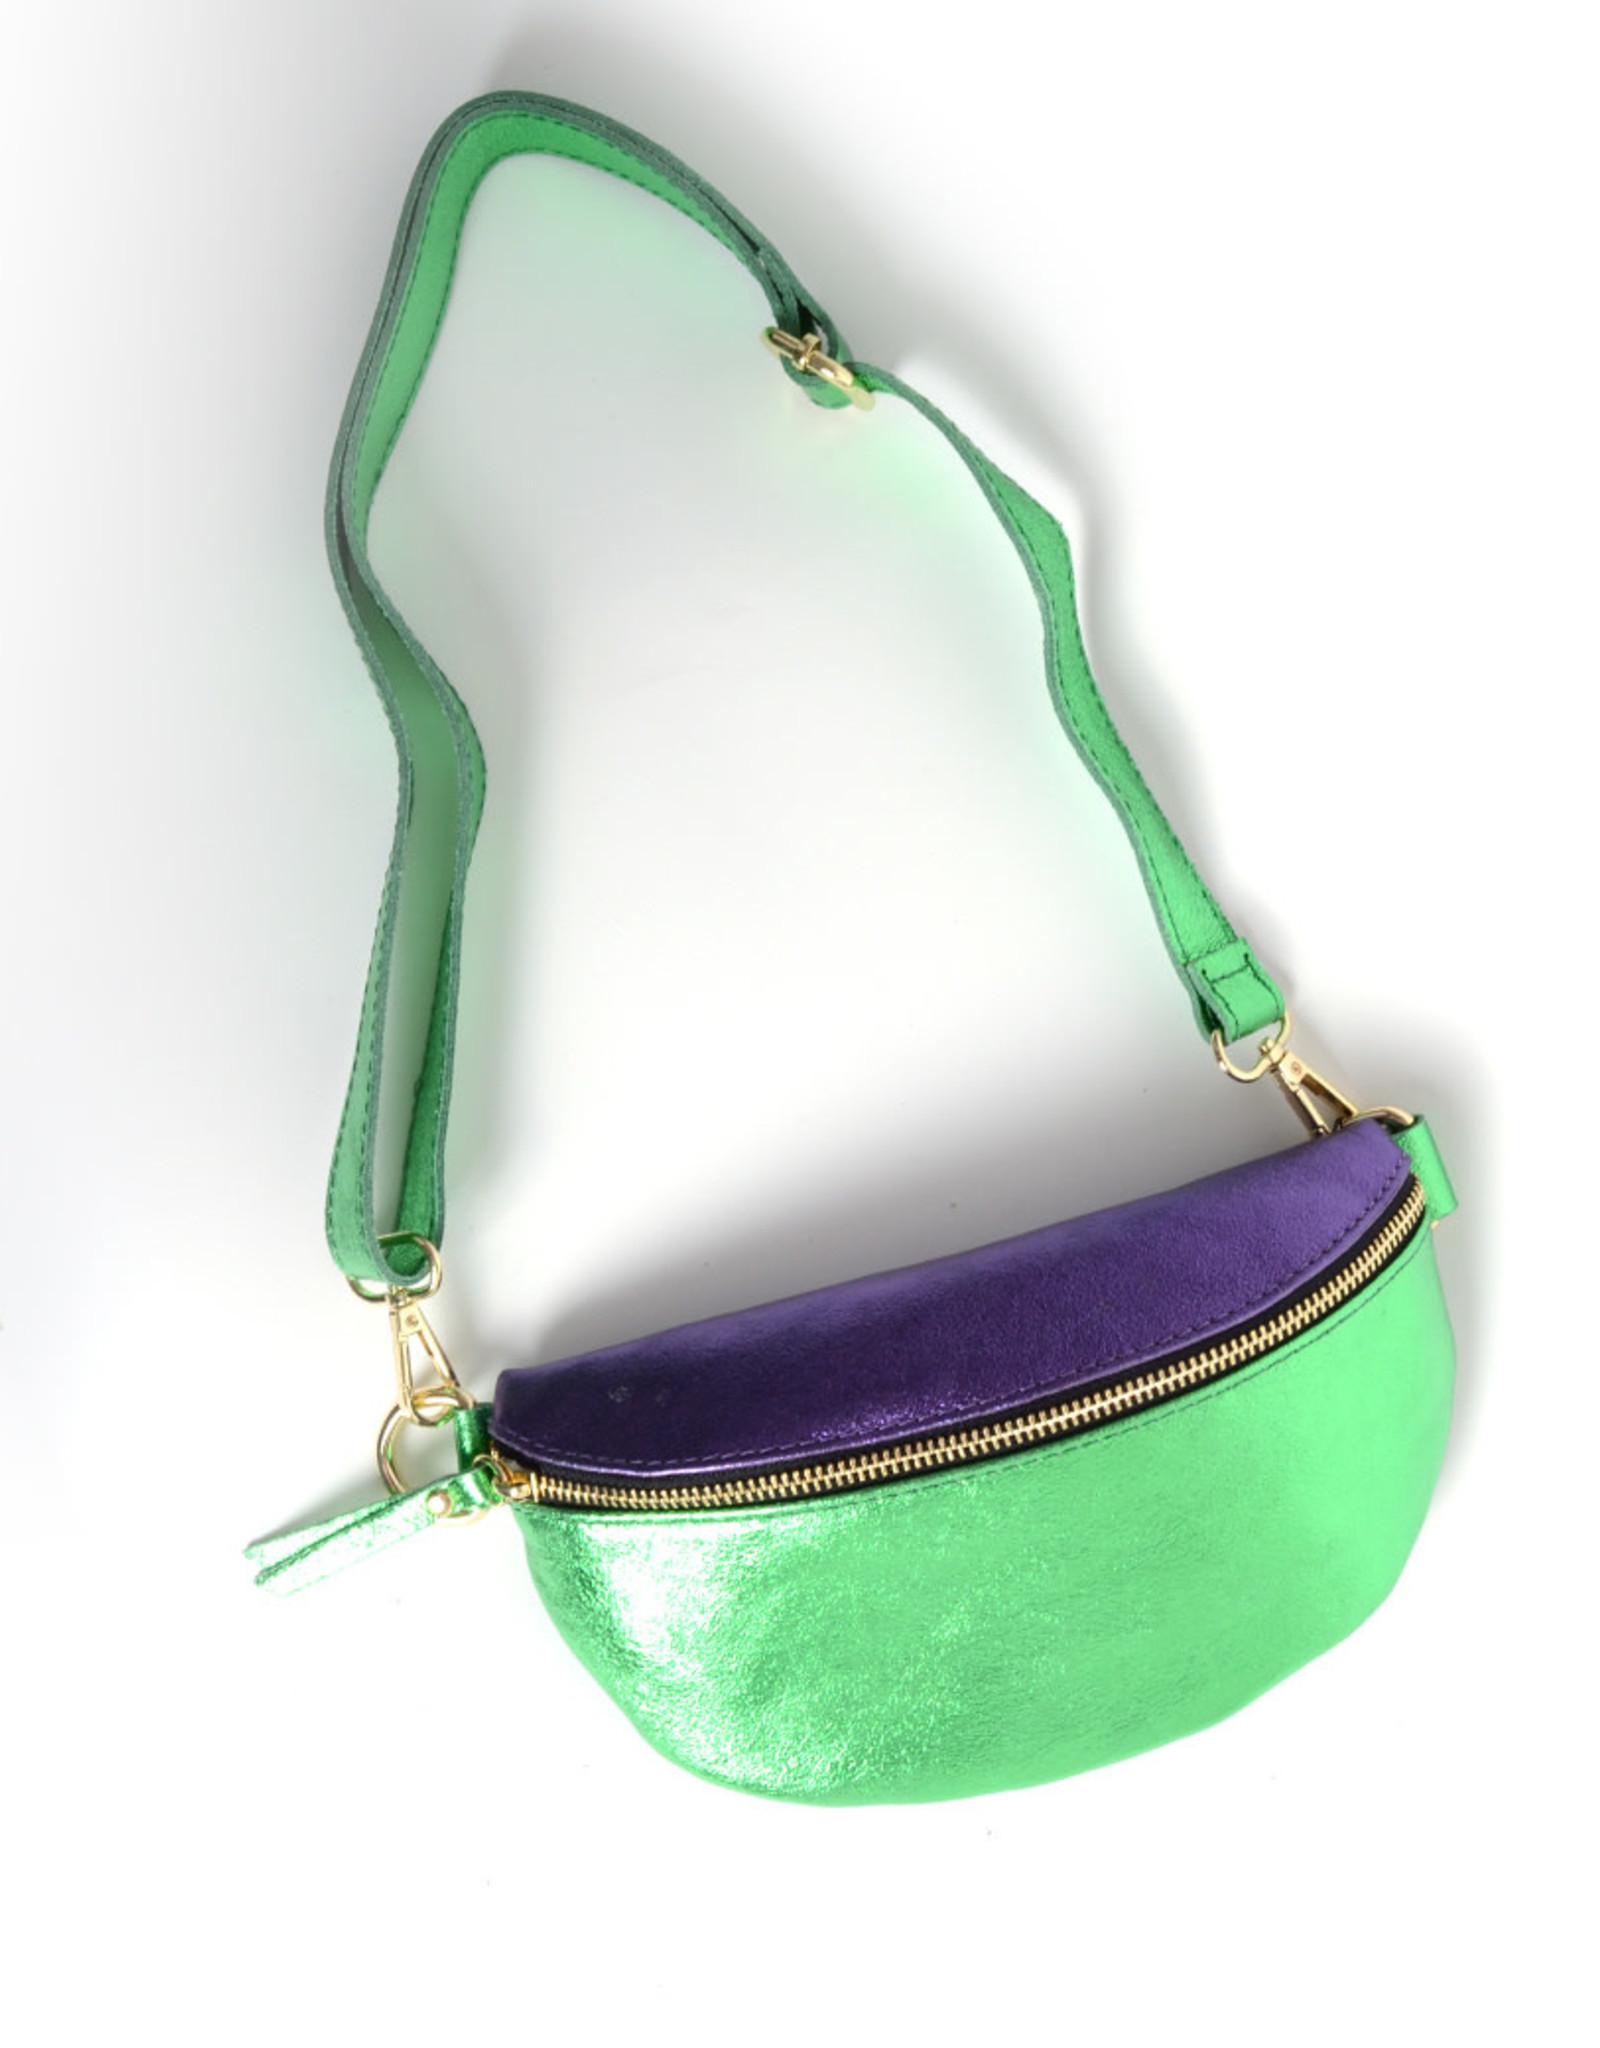 Leren Tas Tessa Metallic groen/paars